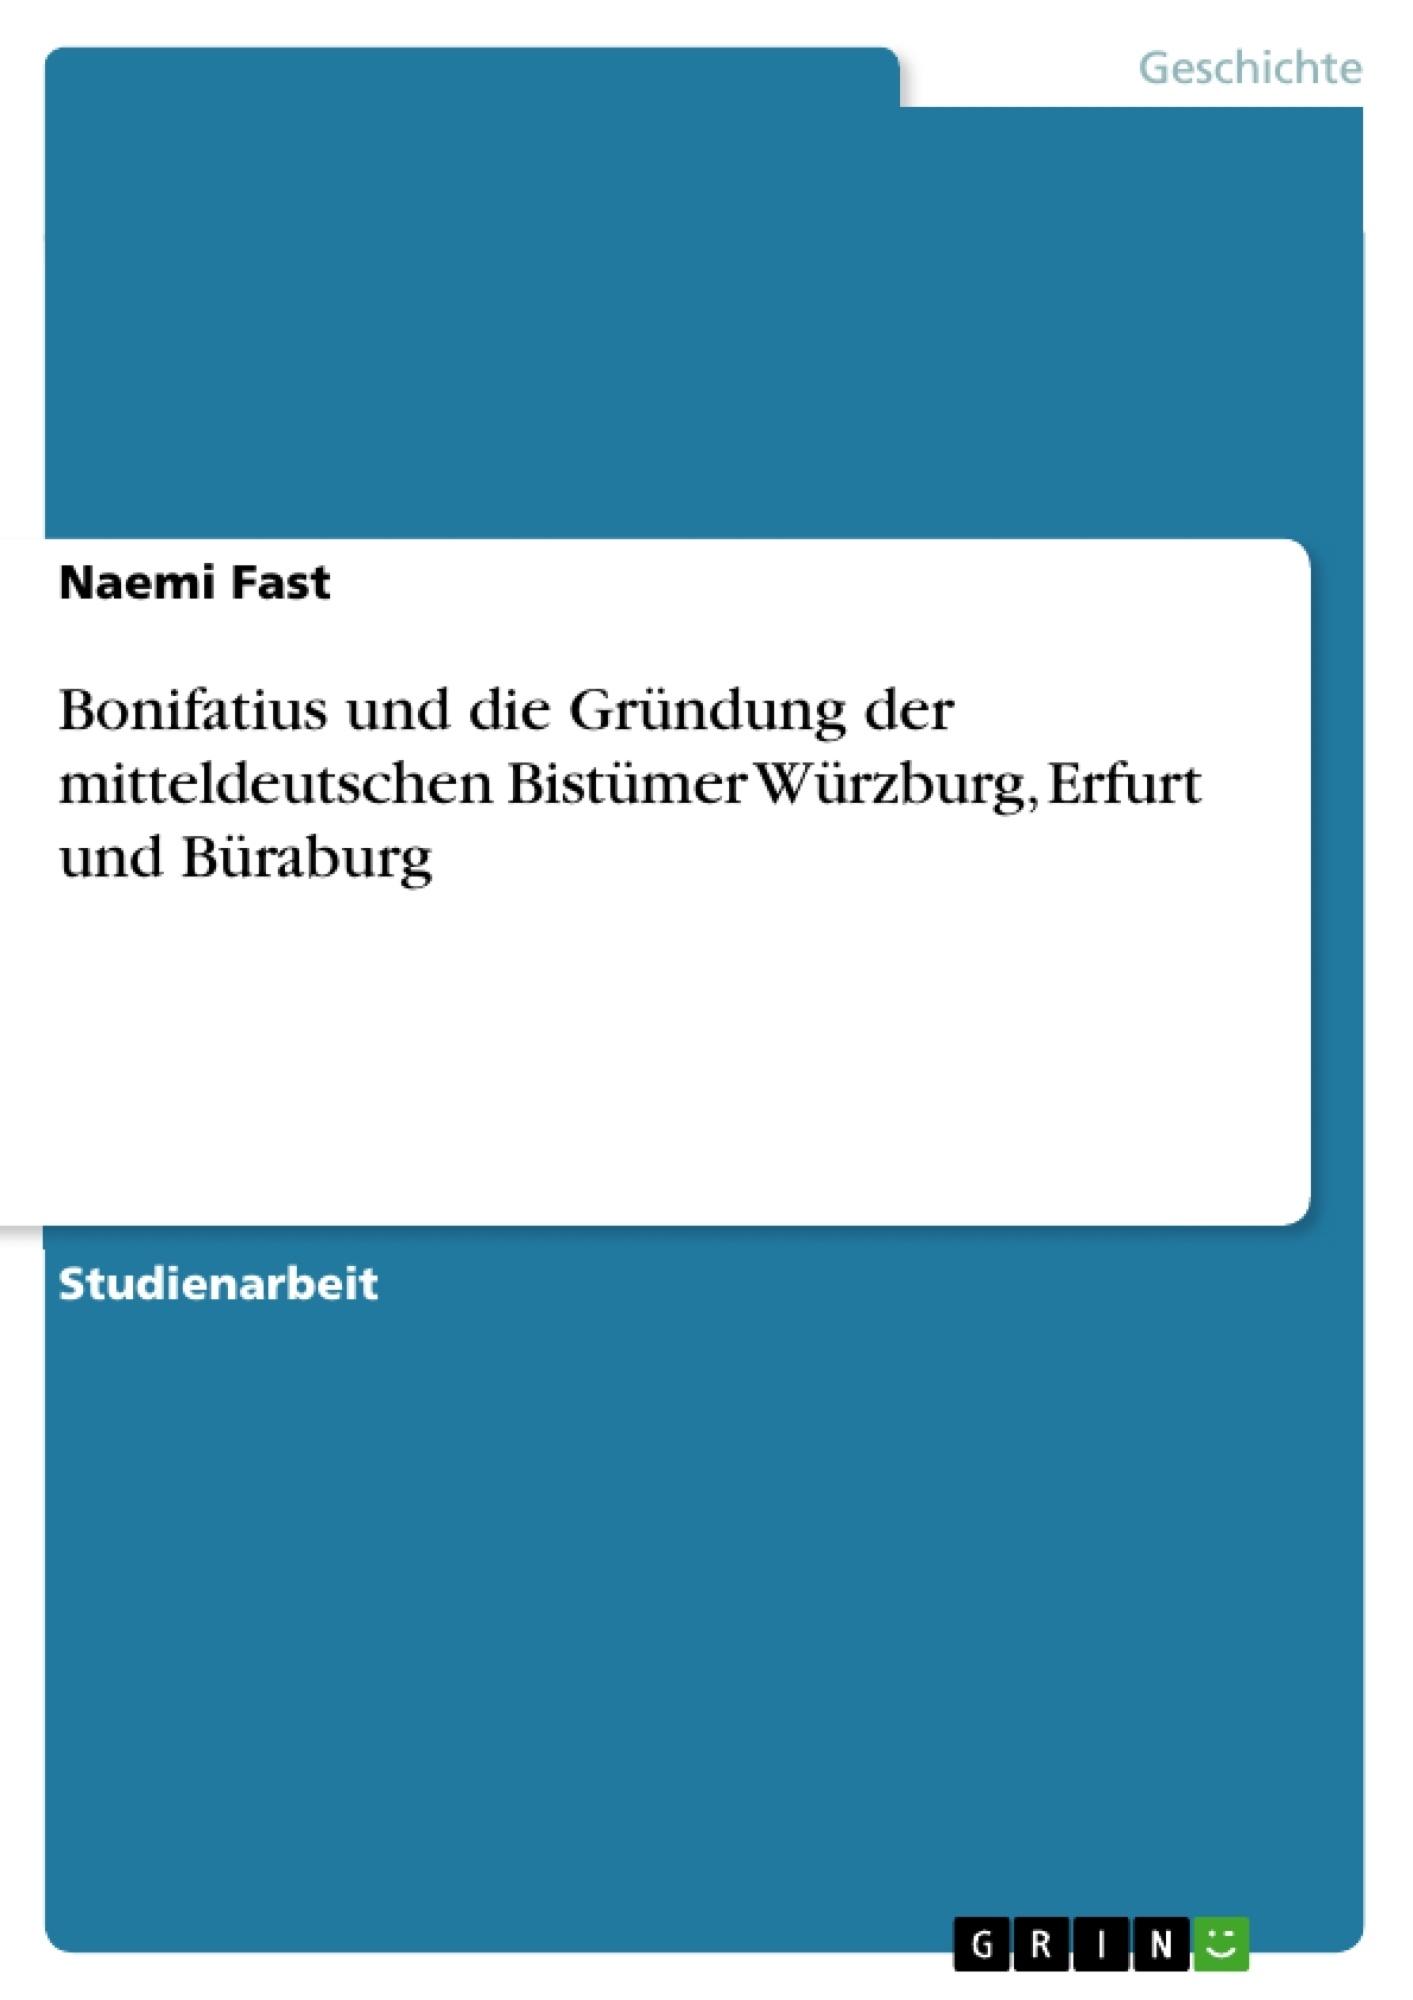 Titel: Bonifatius und die Gründung der mitteldeutschen Bistümer Würzburg, Erfurt und Büraburg